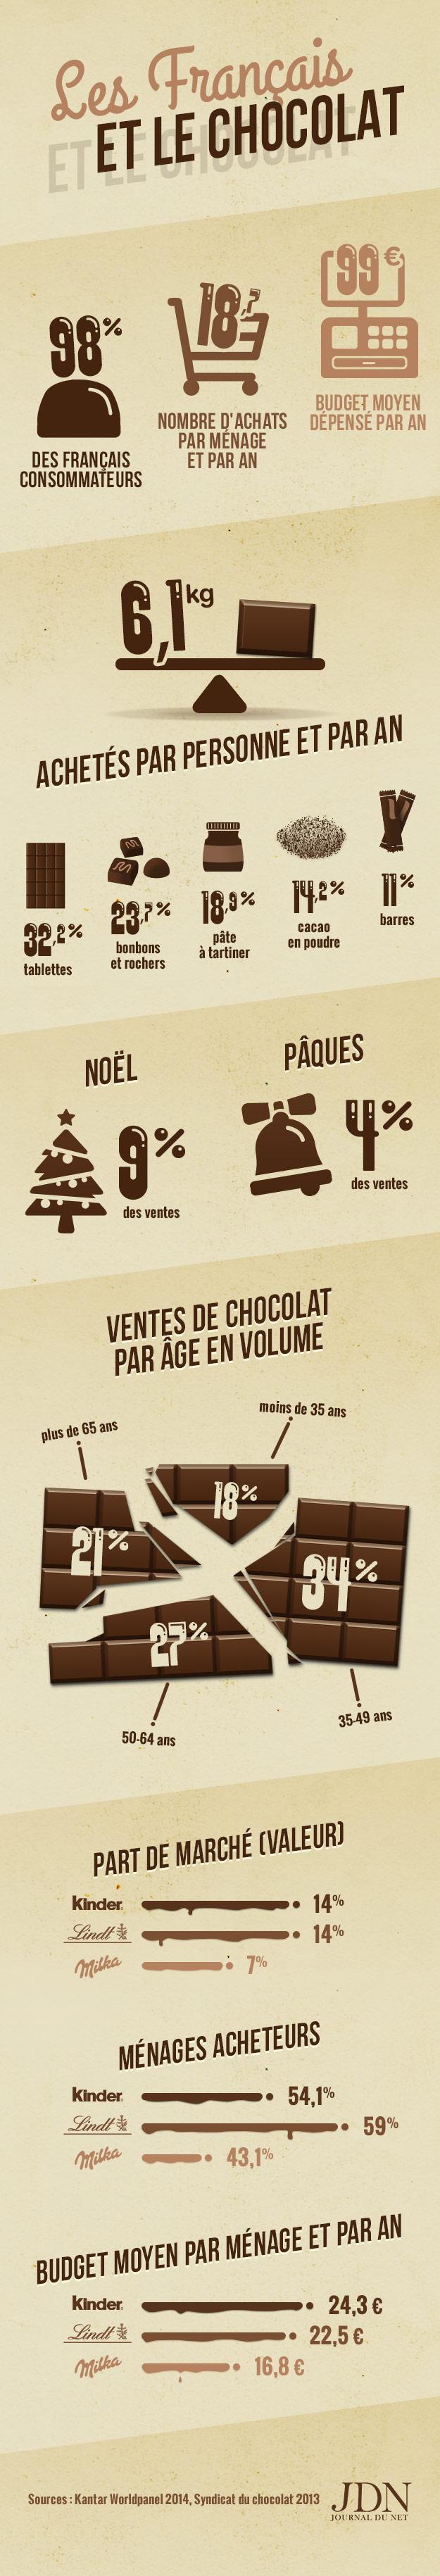 Infographie Consommation Chocolat Français